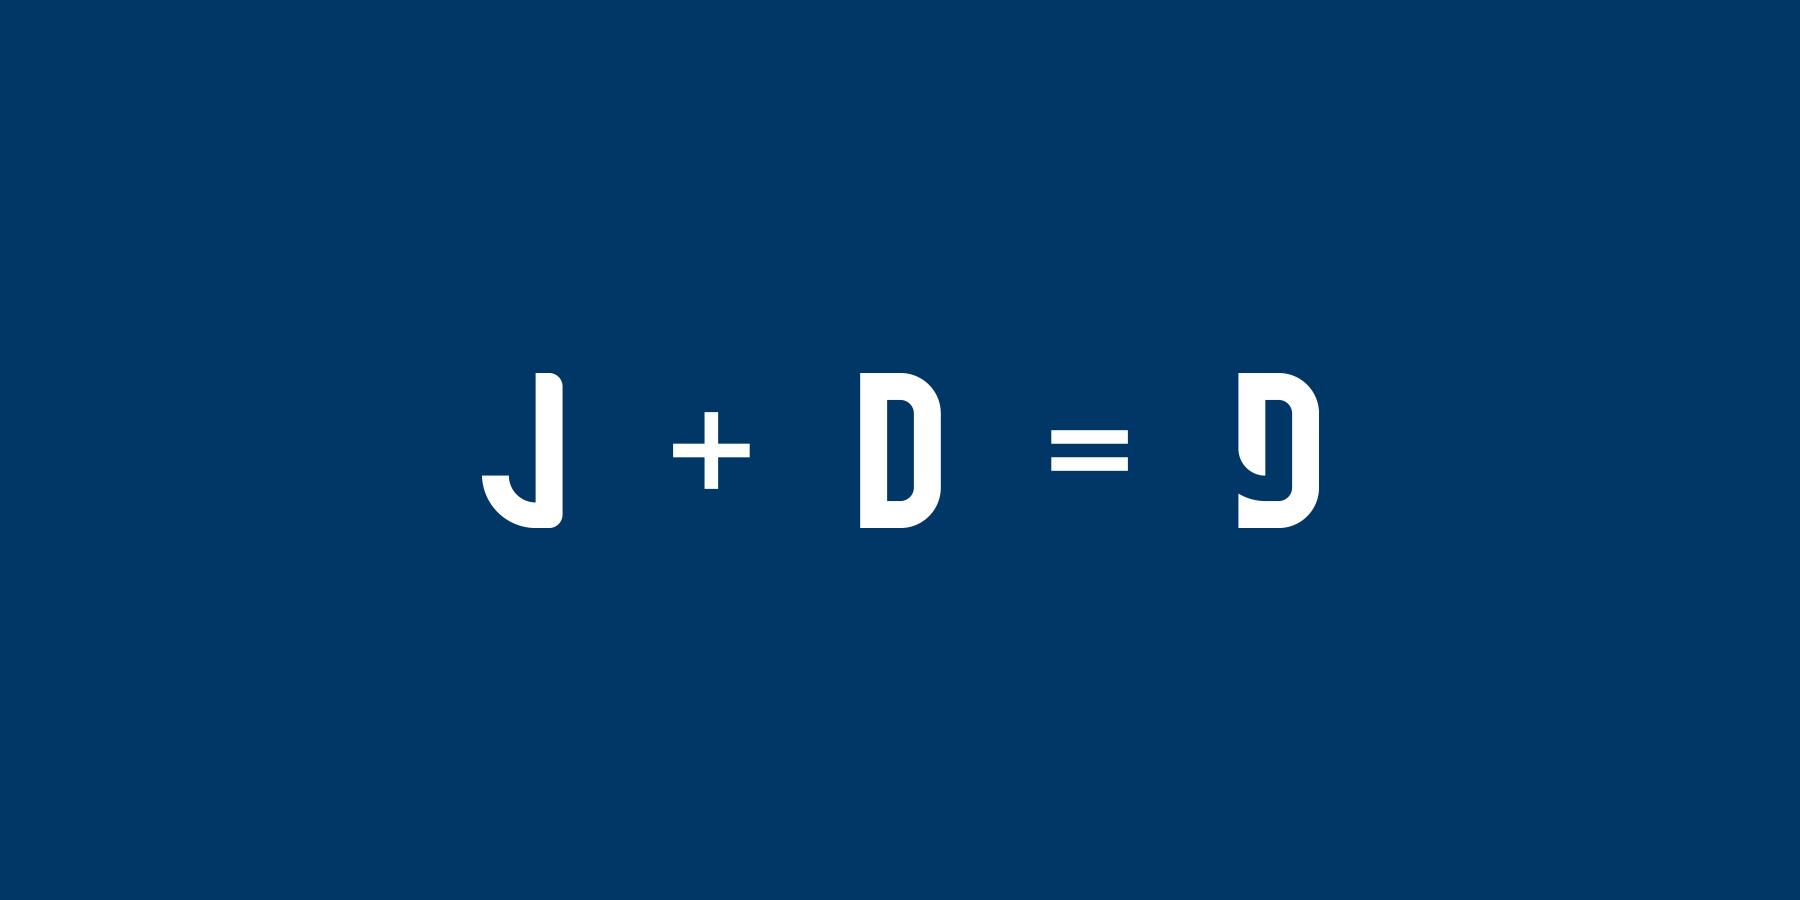 jaz-dhami-logo-design-03